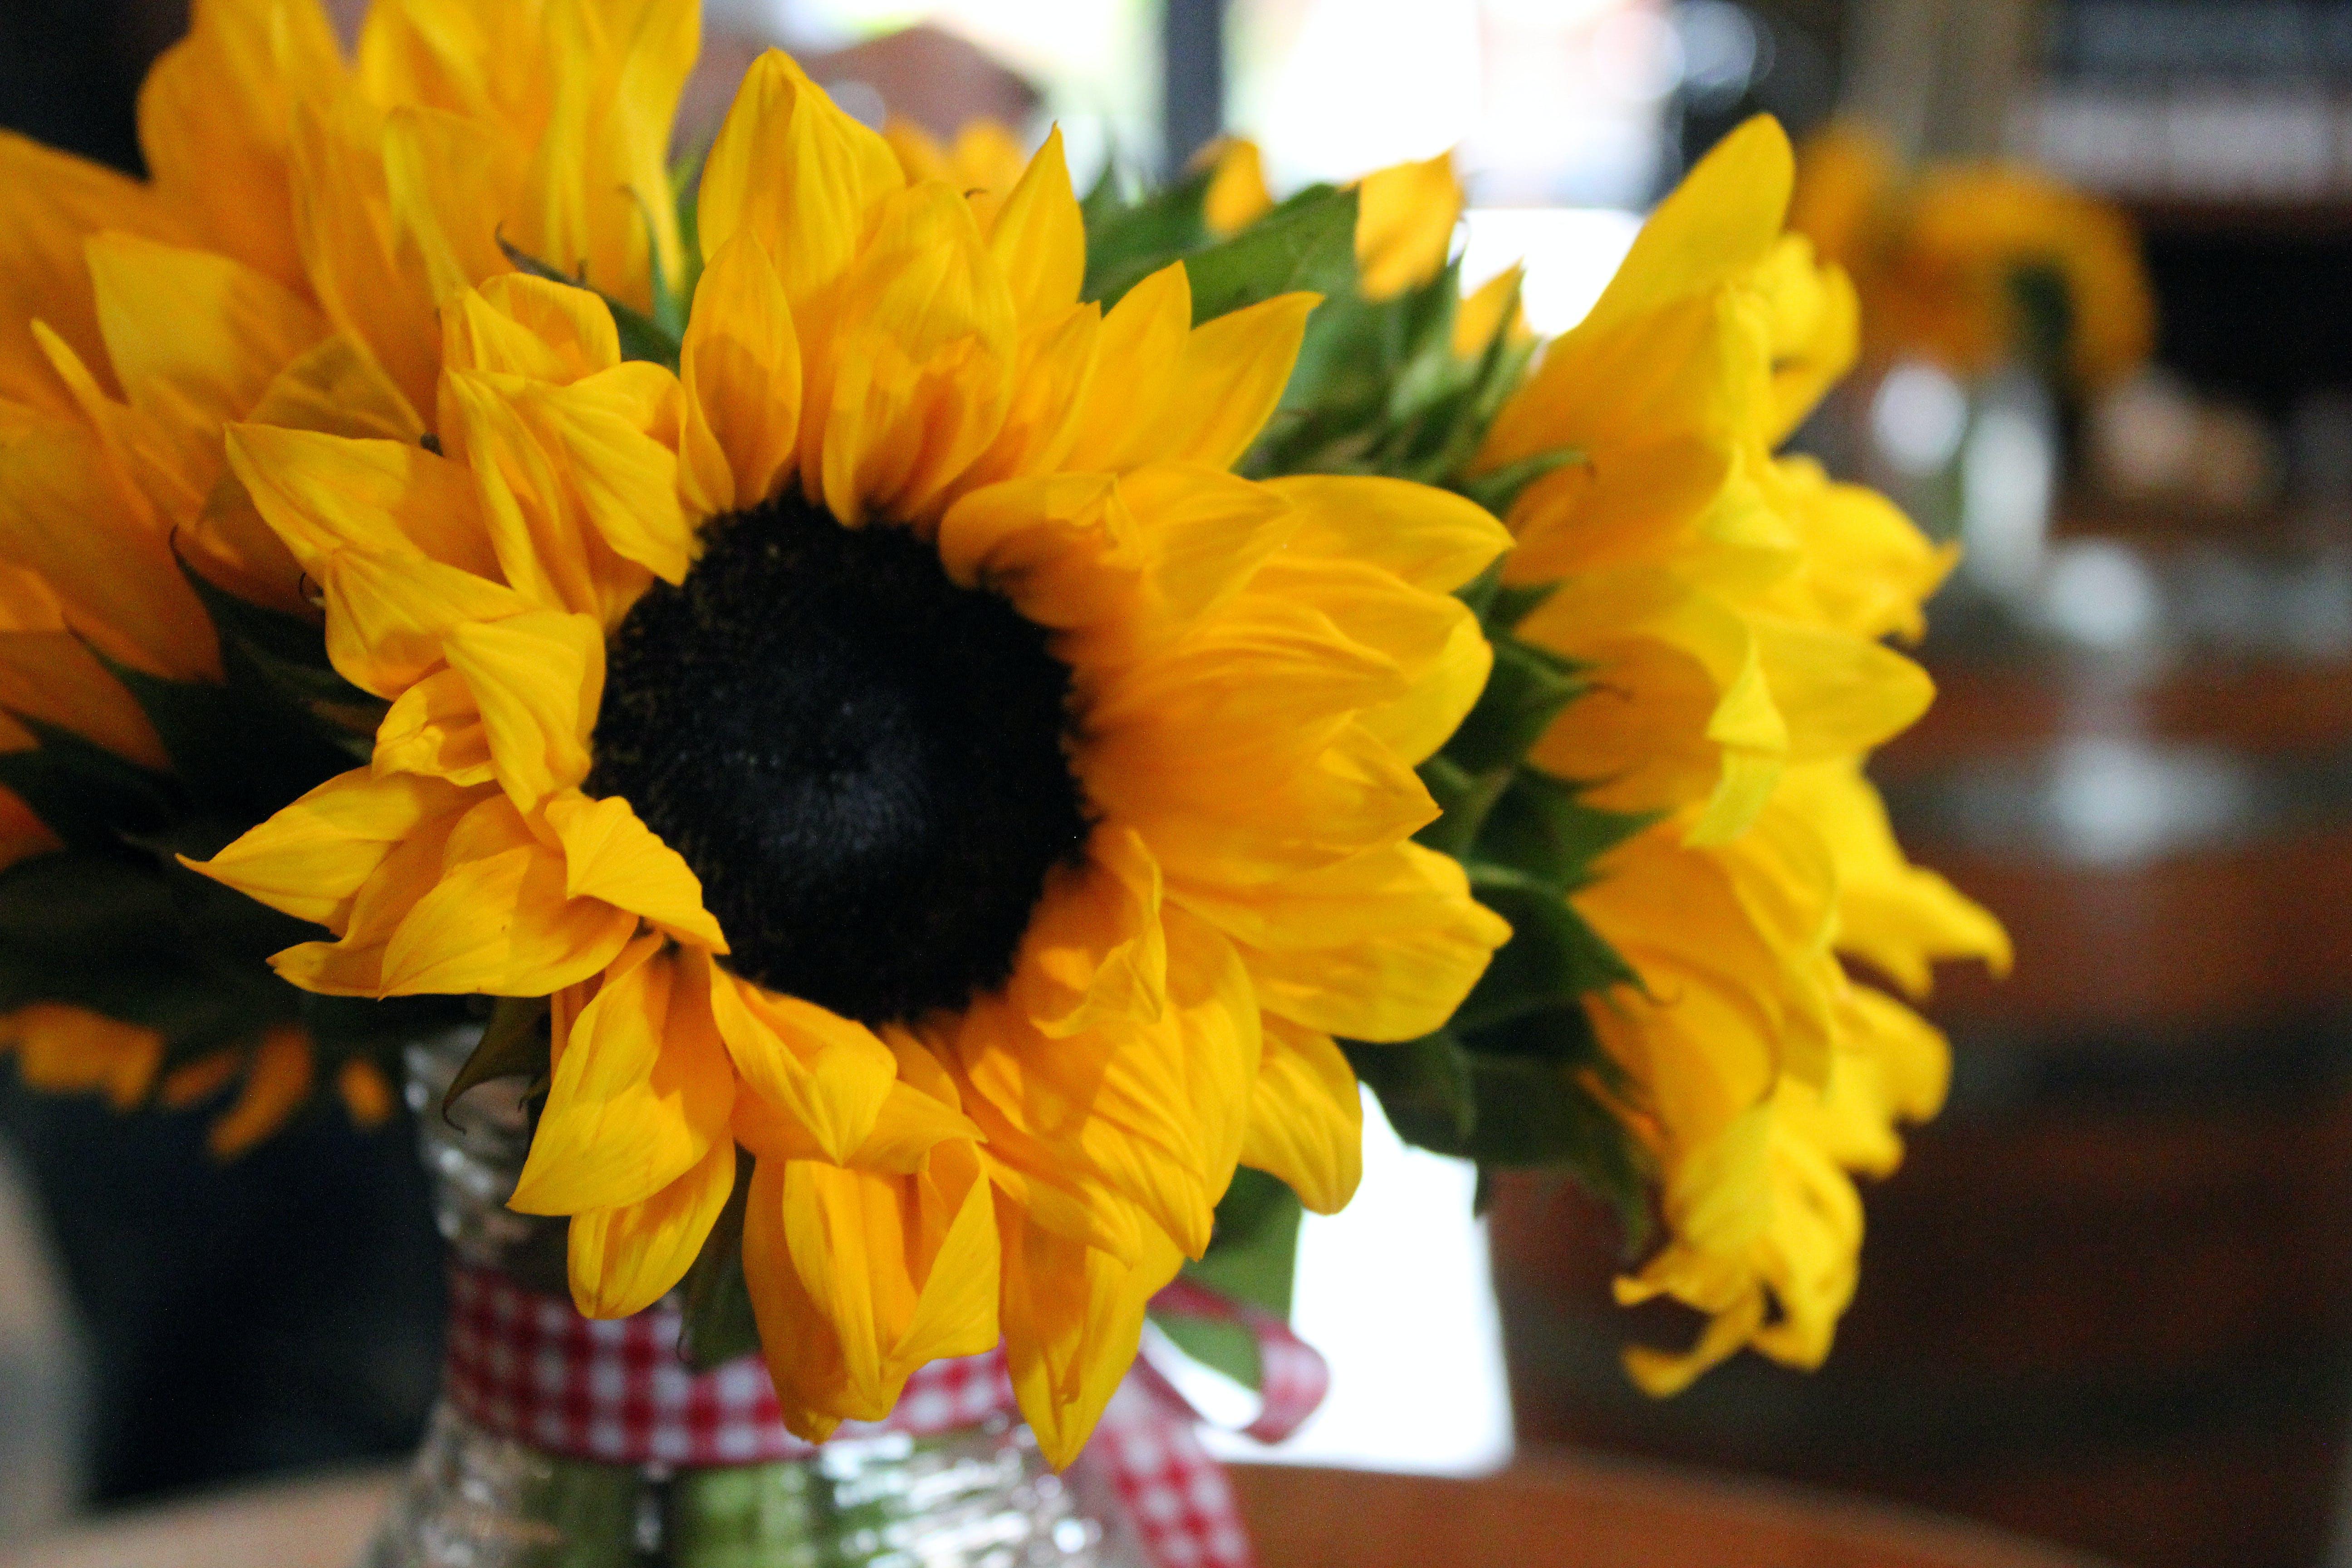 Free stock photo of sunflower, yellow flowers